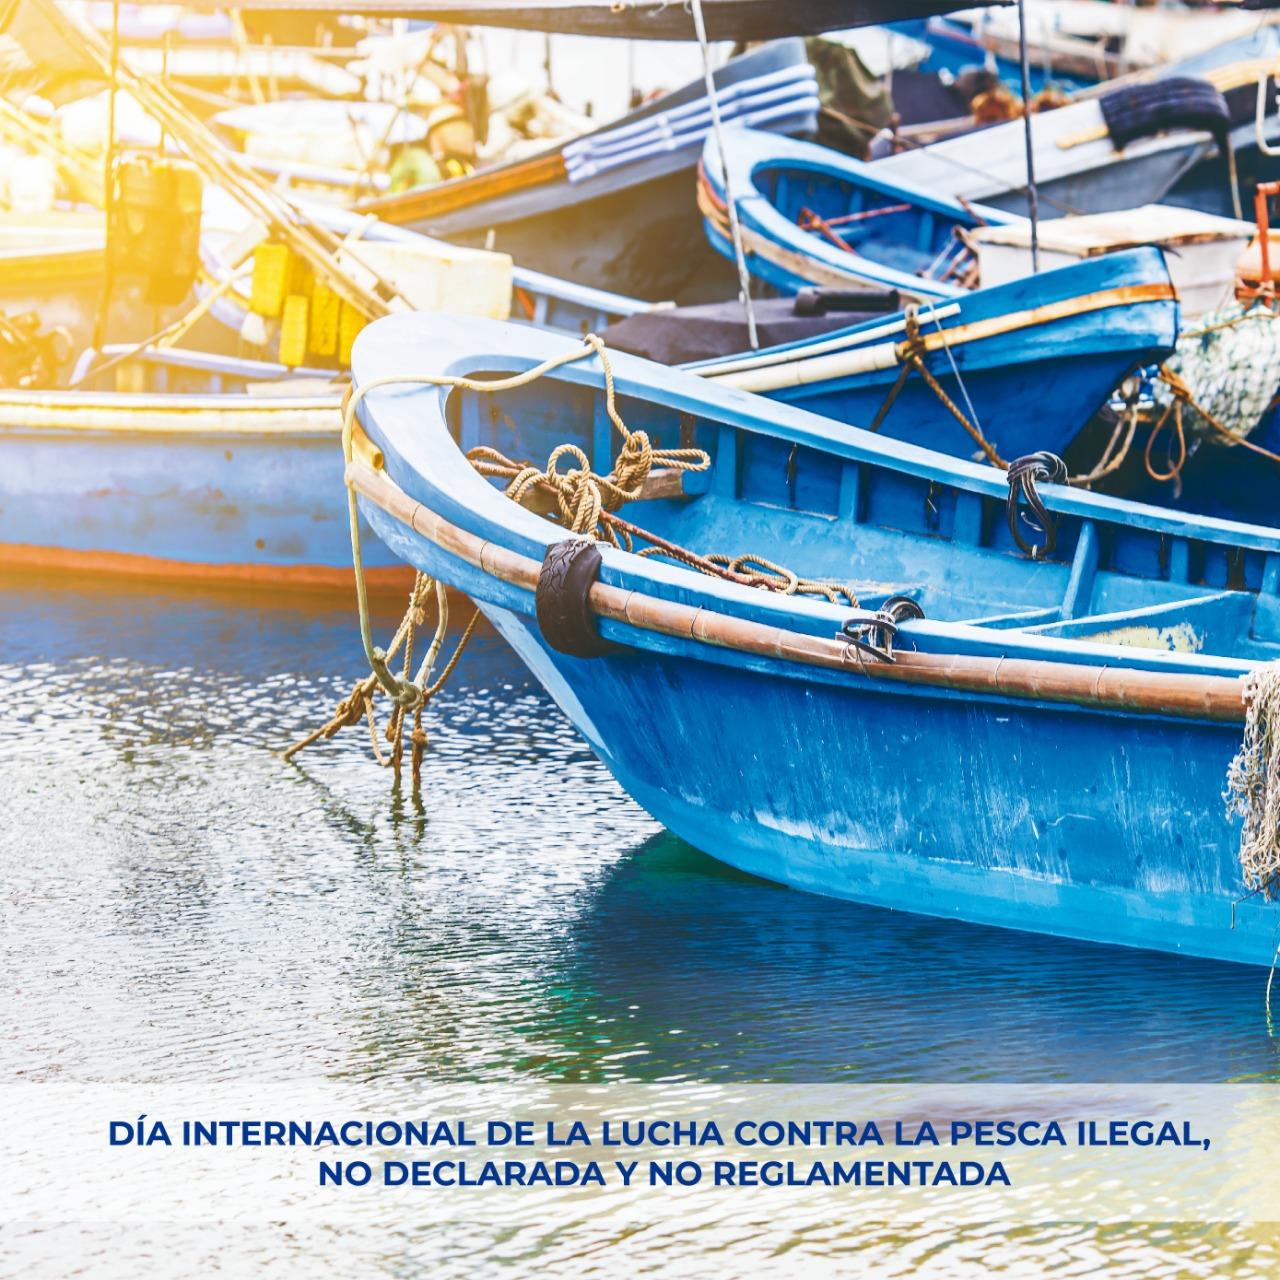 La valoración y respeto de los recursos pesqueros es indispensable para la alimentación y sustentabilidad del mundo.